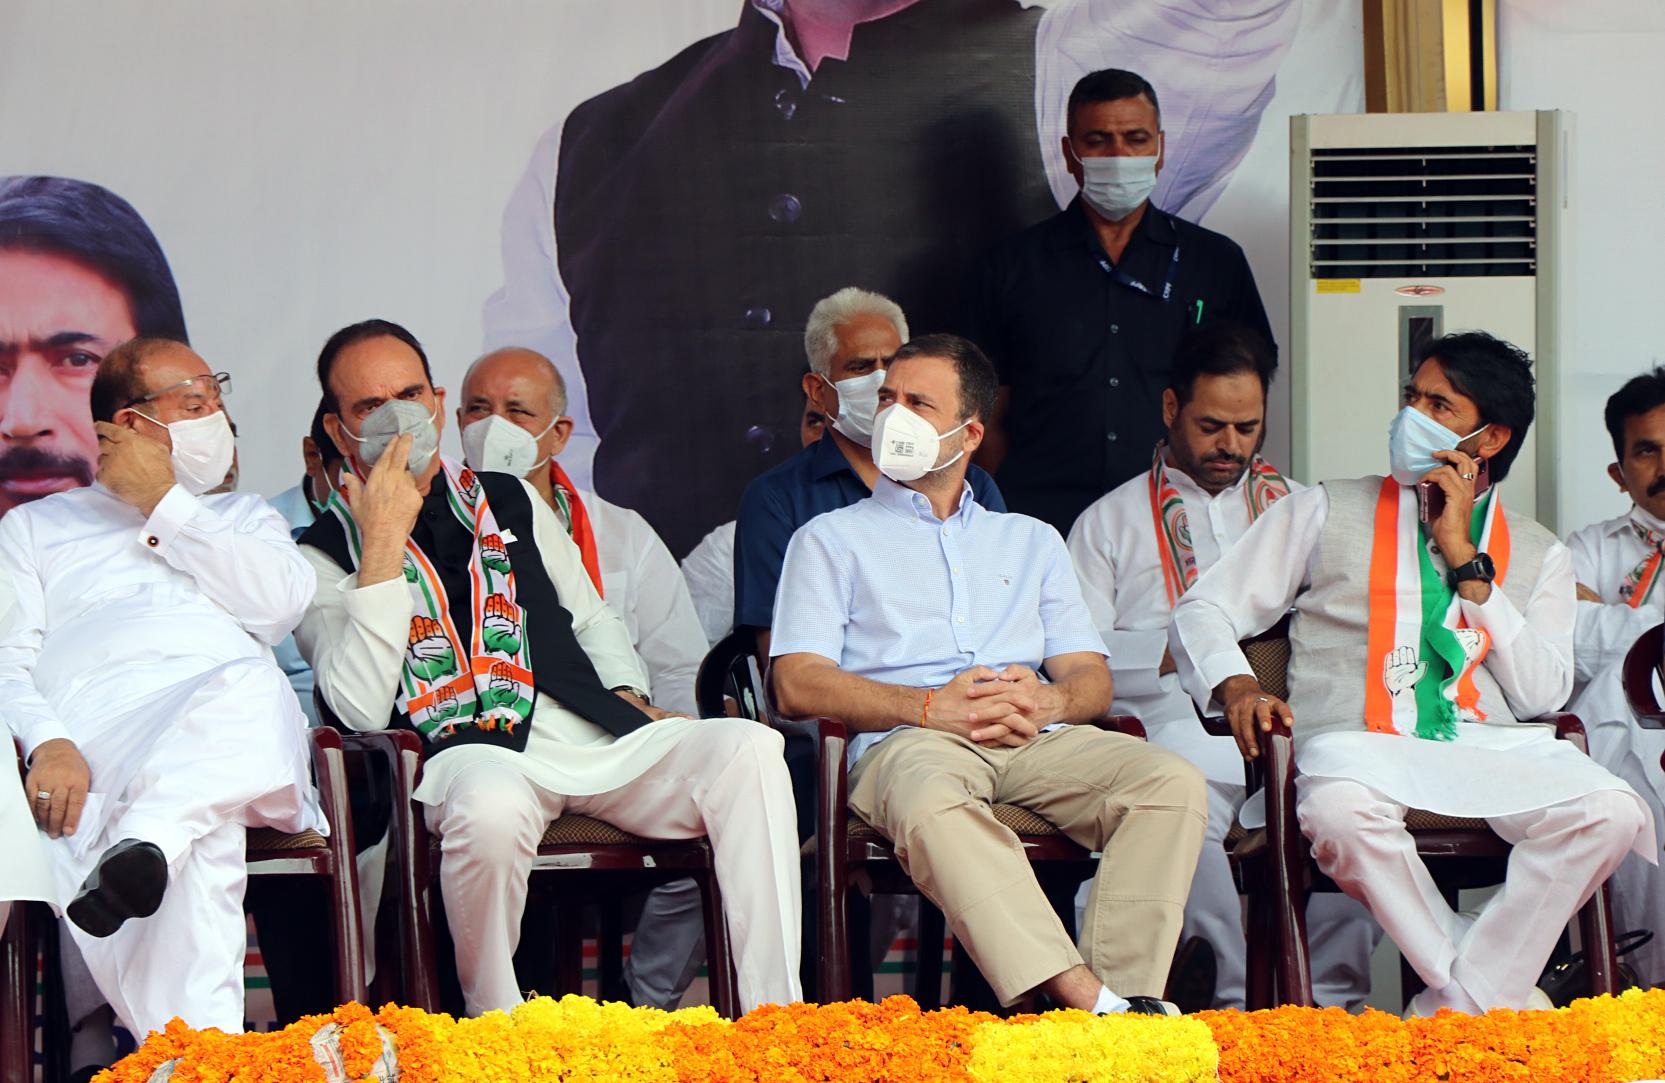 राहुल जम्मू के त्रिकुटा में पार्टी पदाधिकारियों के सम्मेलन में शामिल हुए। यहां उनके साथ गुलाम नबी आजाद भी रहे।